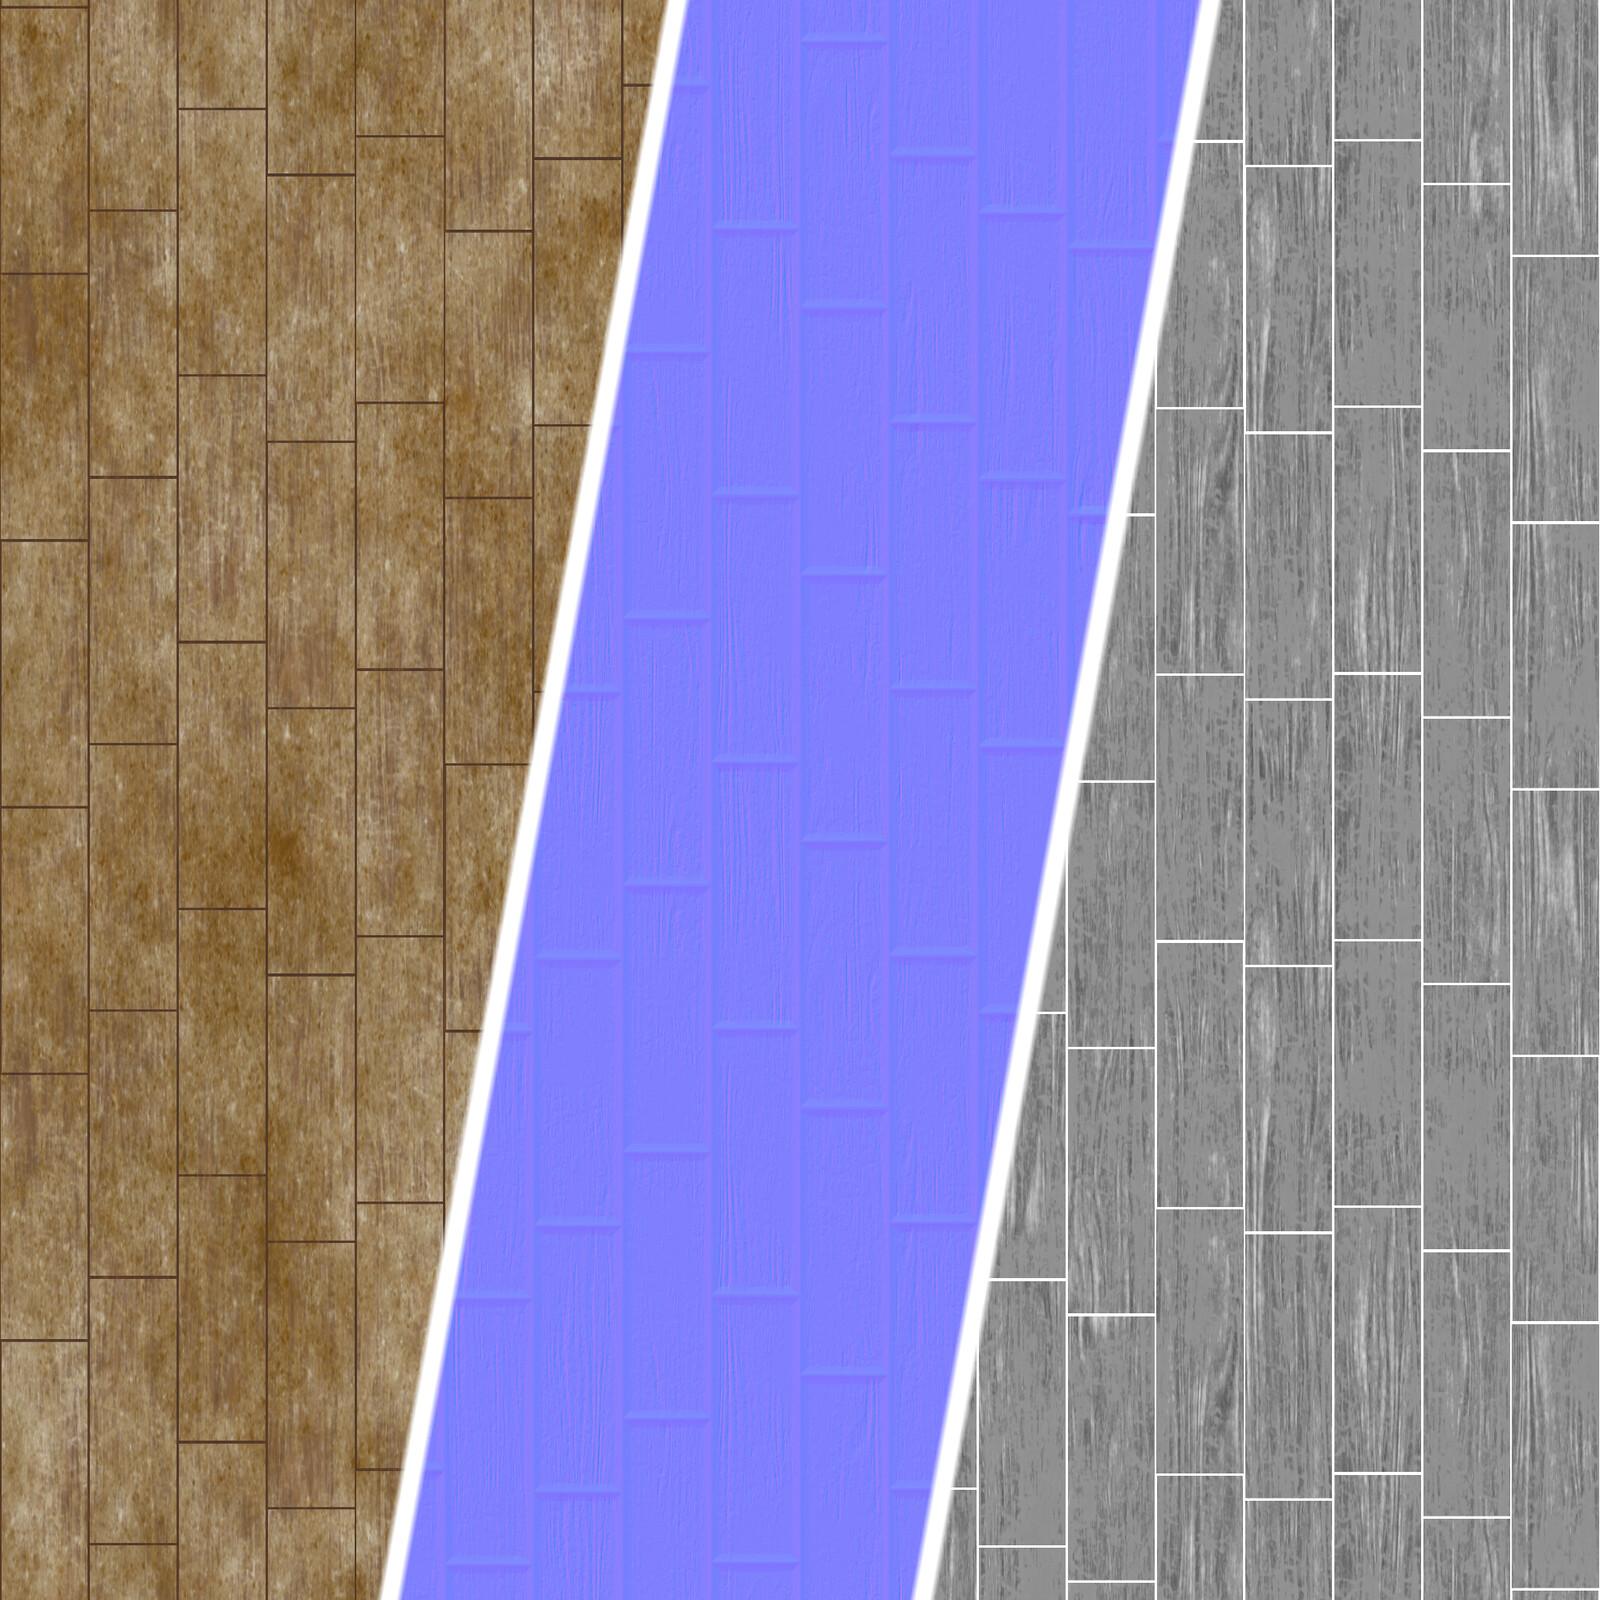 Worn Wood Board texture maps breakdown